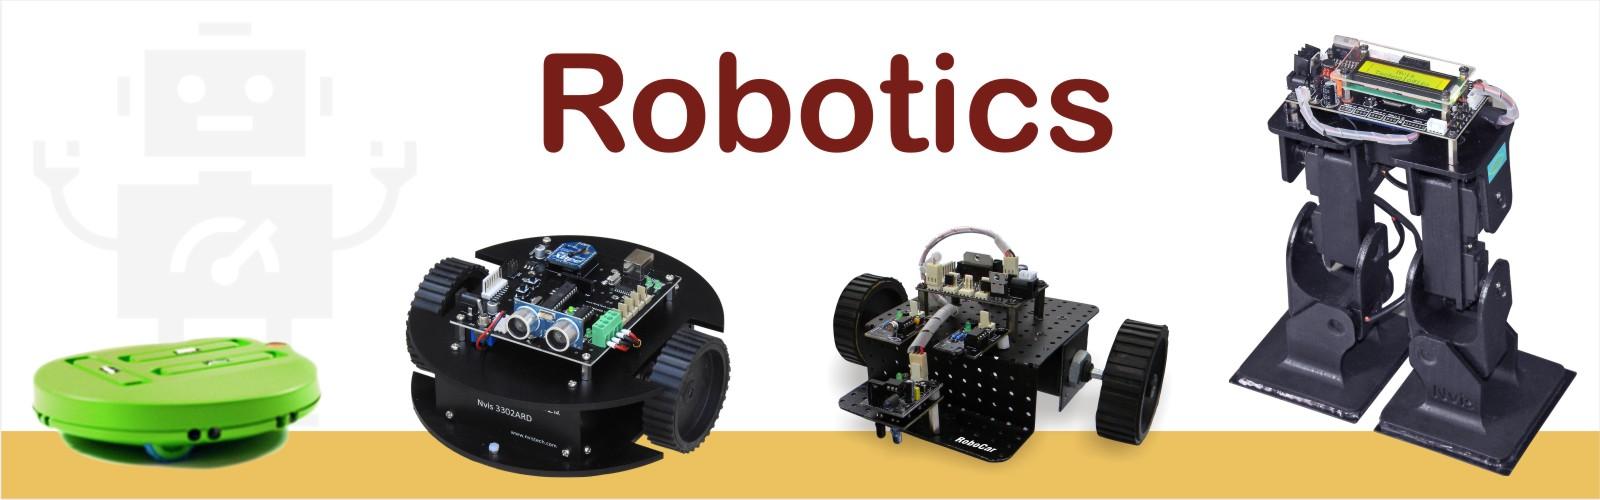 School Robotics